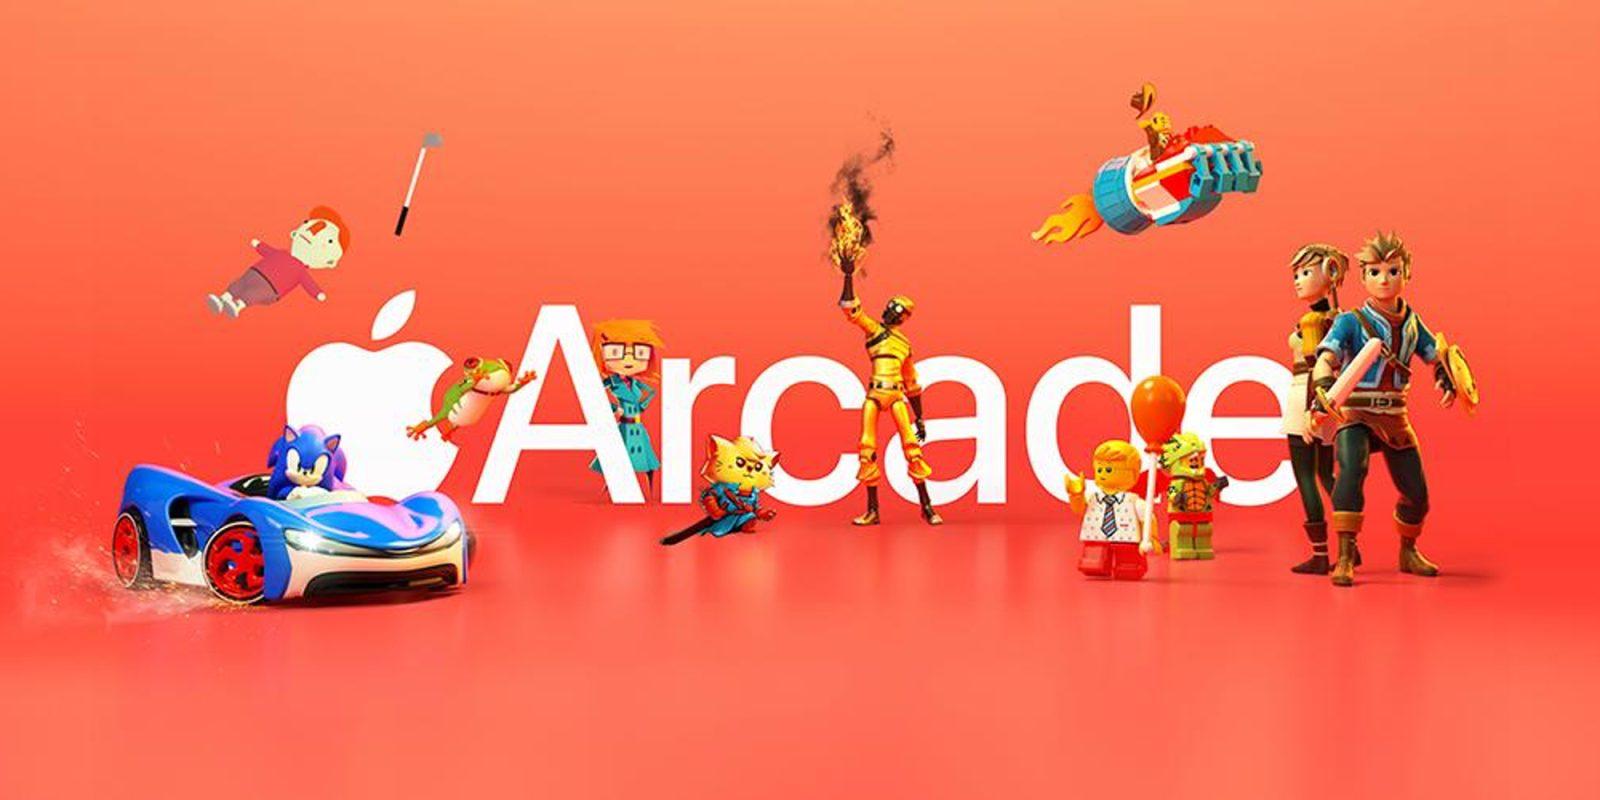 Каталог Apple Arcade насчитывает 100 игр вместе с сегодняшним пополнением